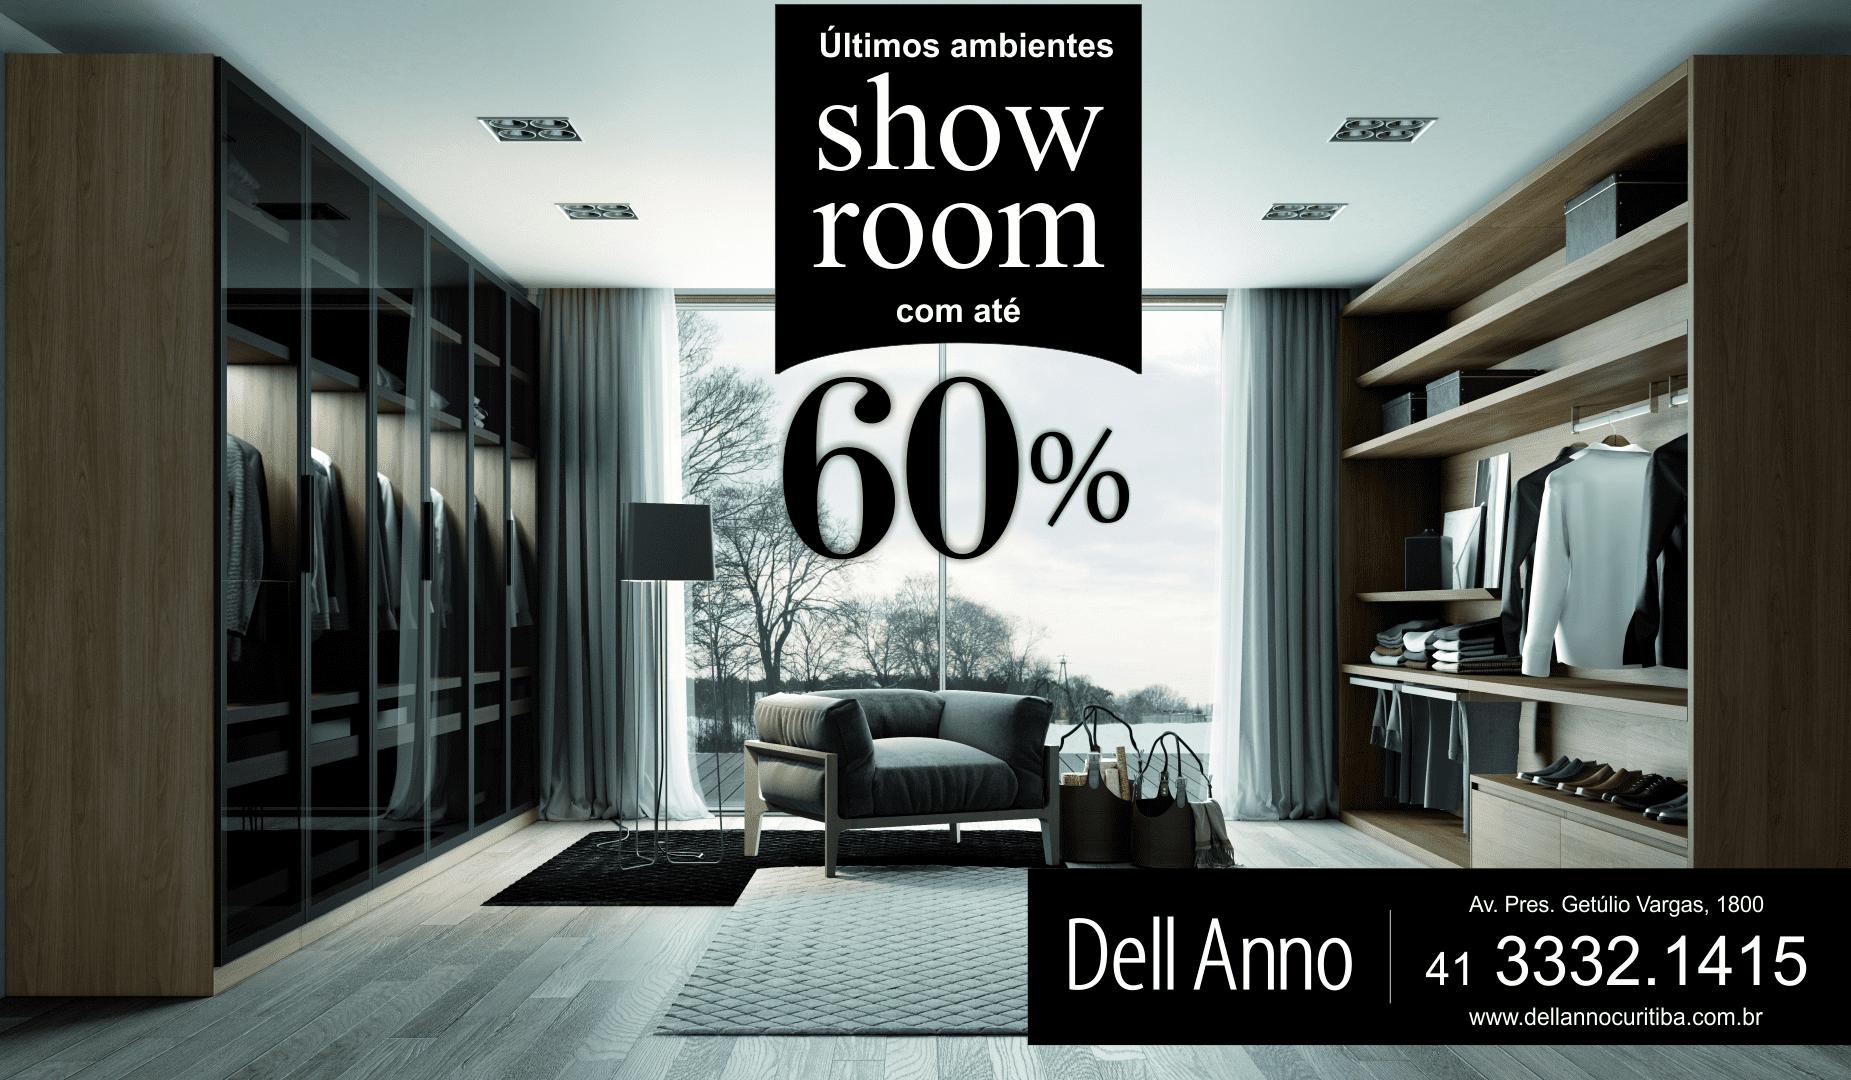 Aproveite Últimos Ambientes de Show Room com até 60% de Desconto